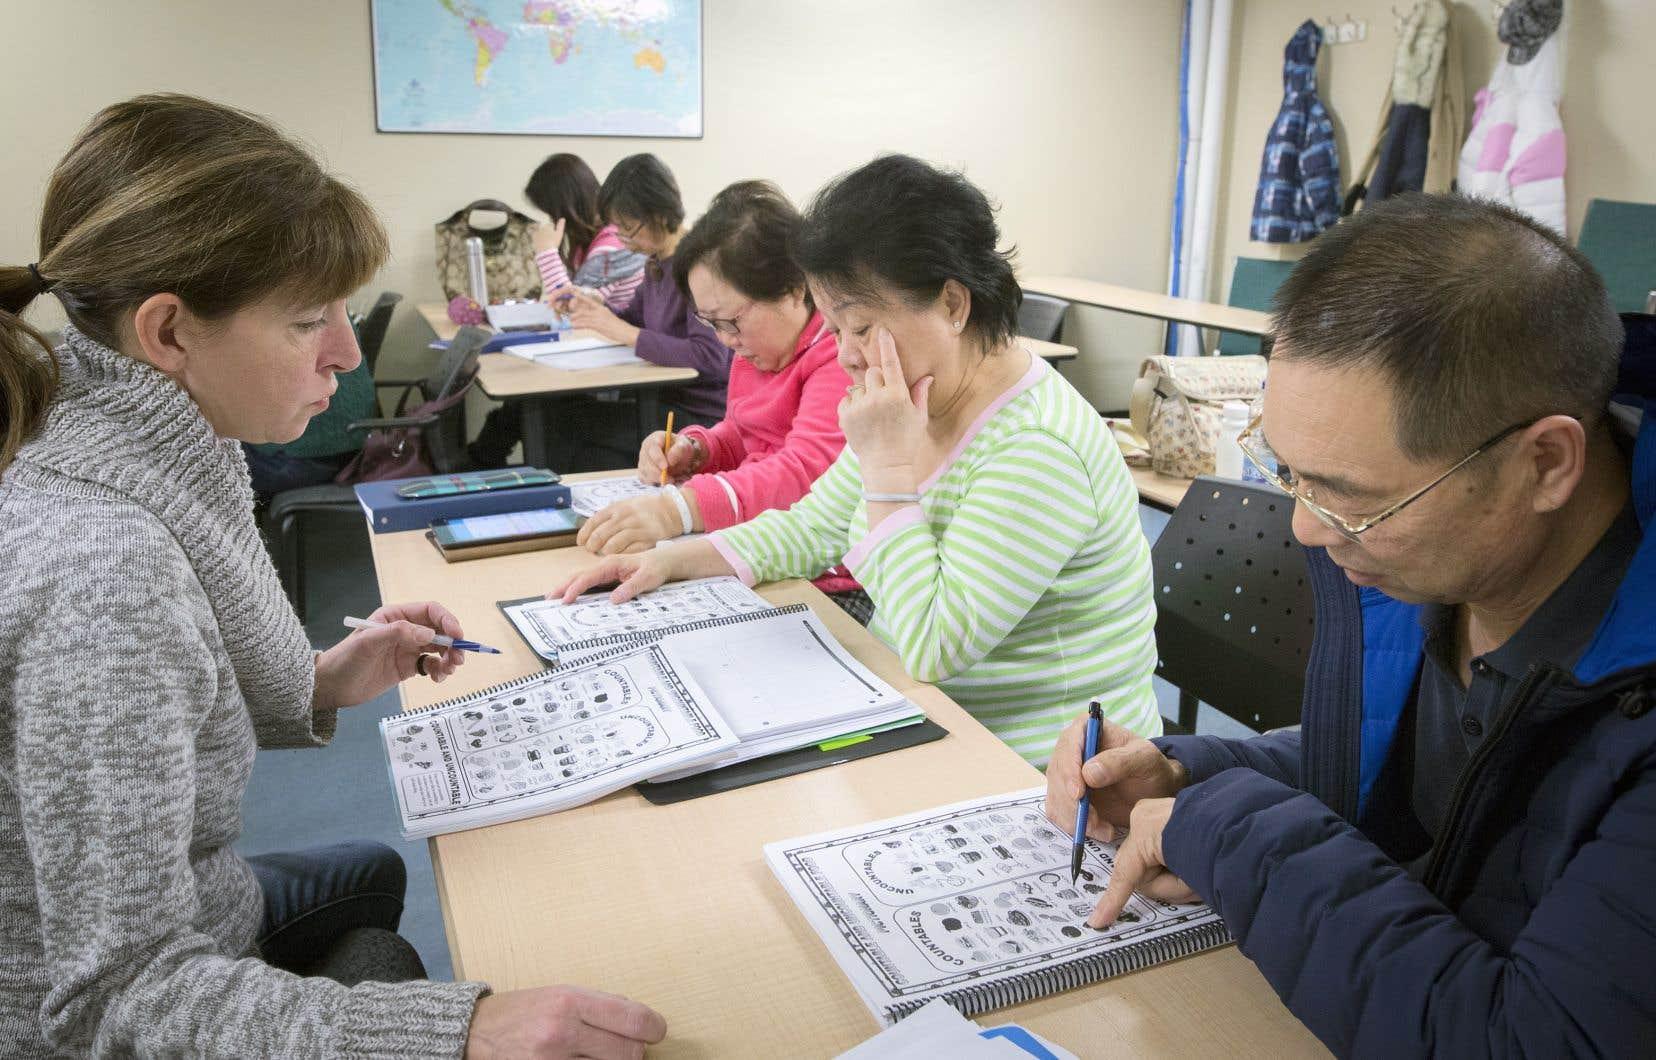 À l'étage du Centre Sino-Québec de Brossard, les nouveaux arrivants peuvent suivre des cours de langue pour faciliter leur intégration.